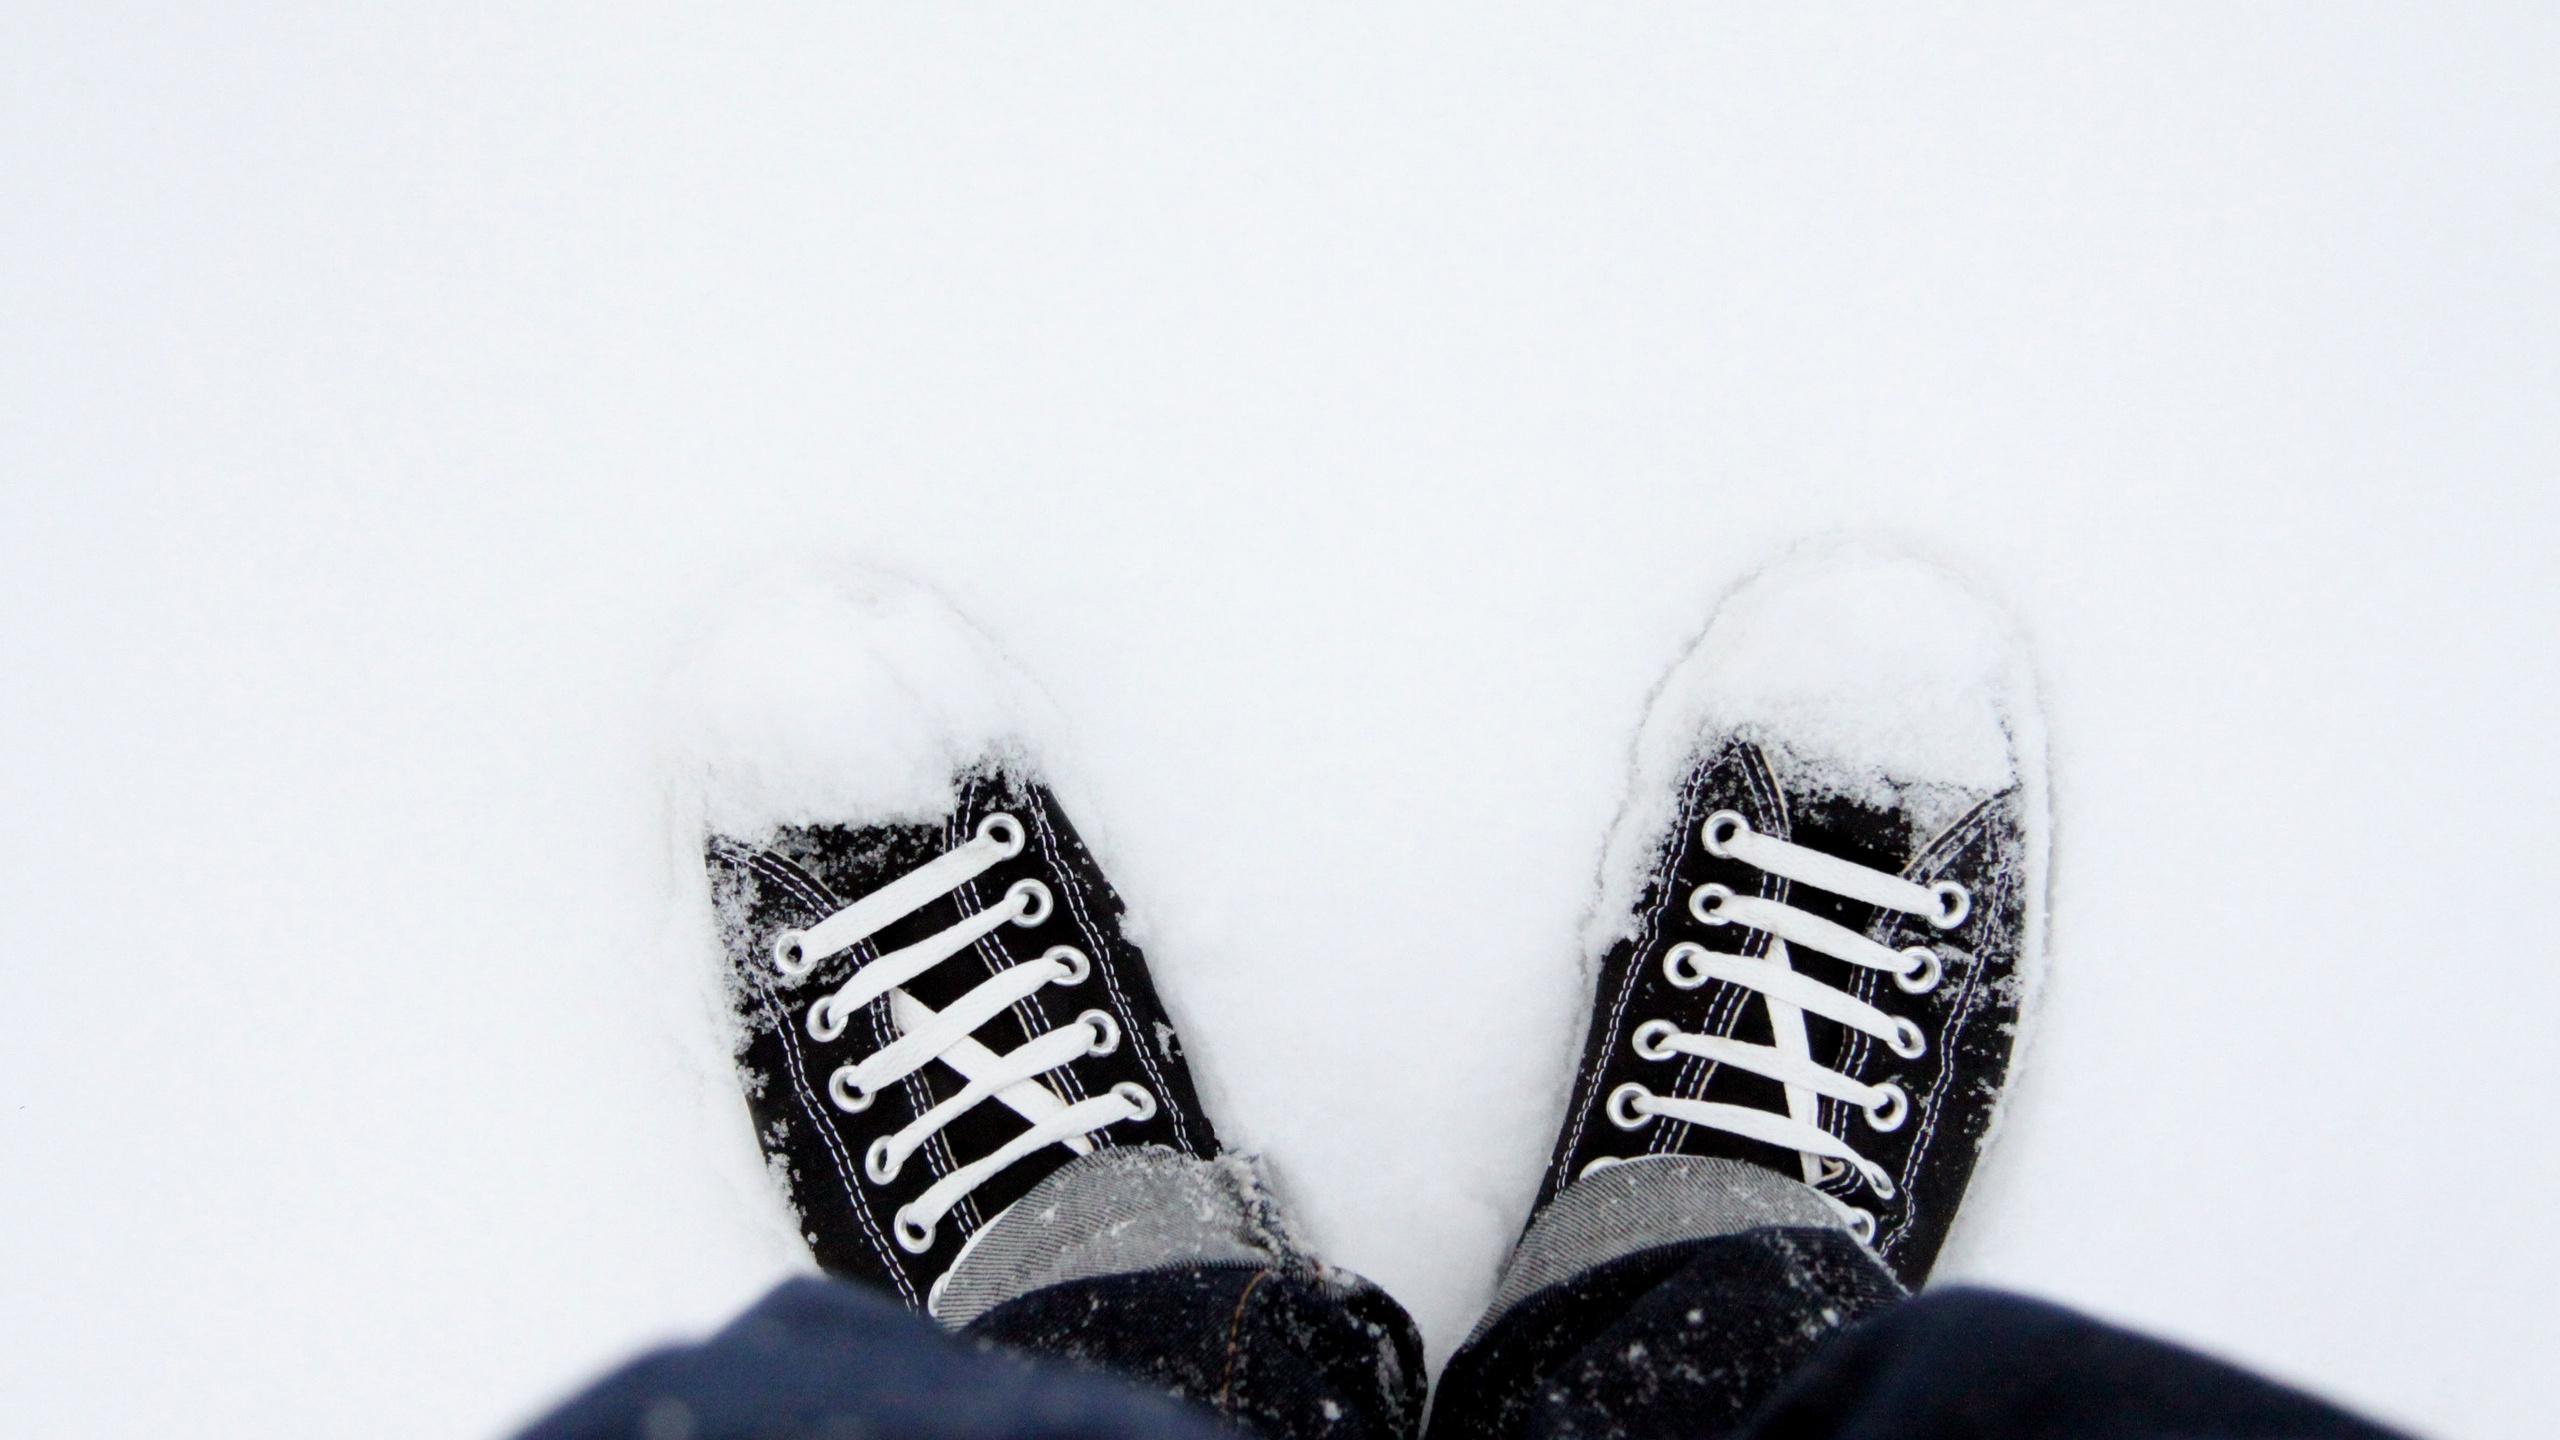 Zapatillas Converse en la nieve - 2560x1440